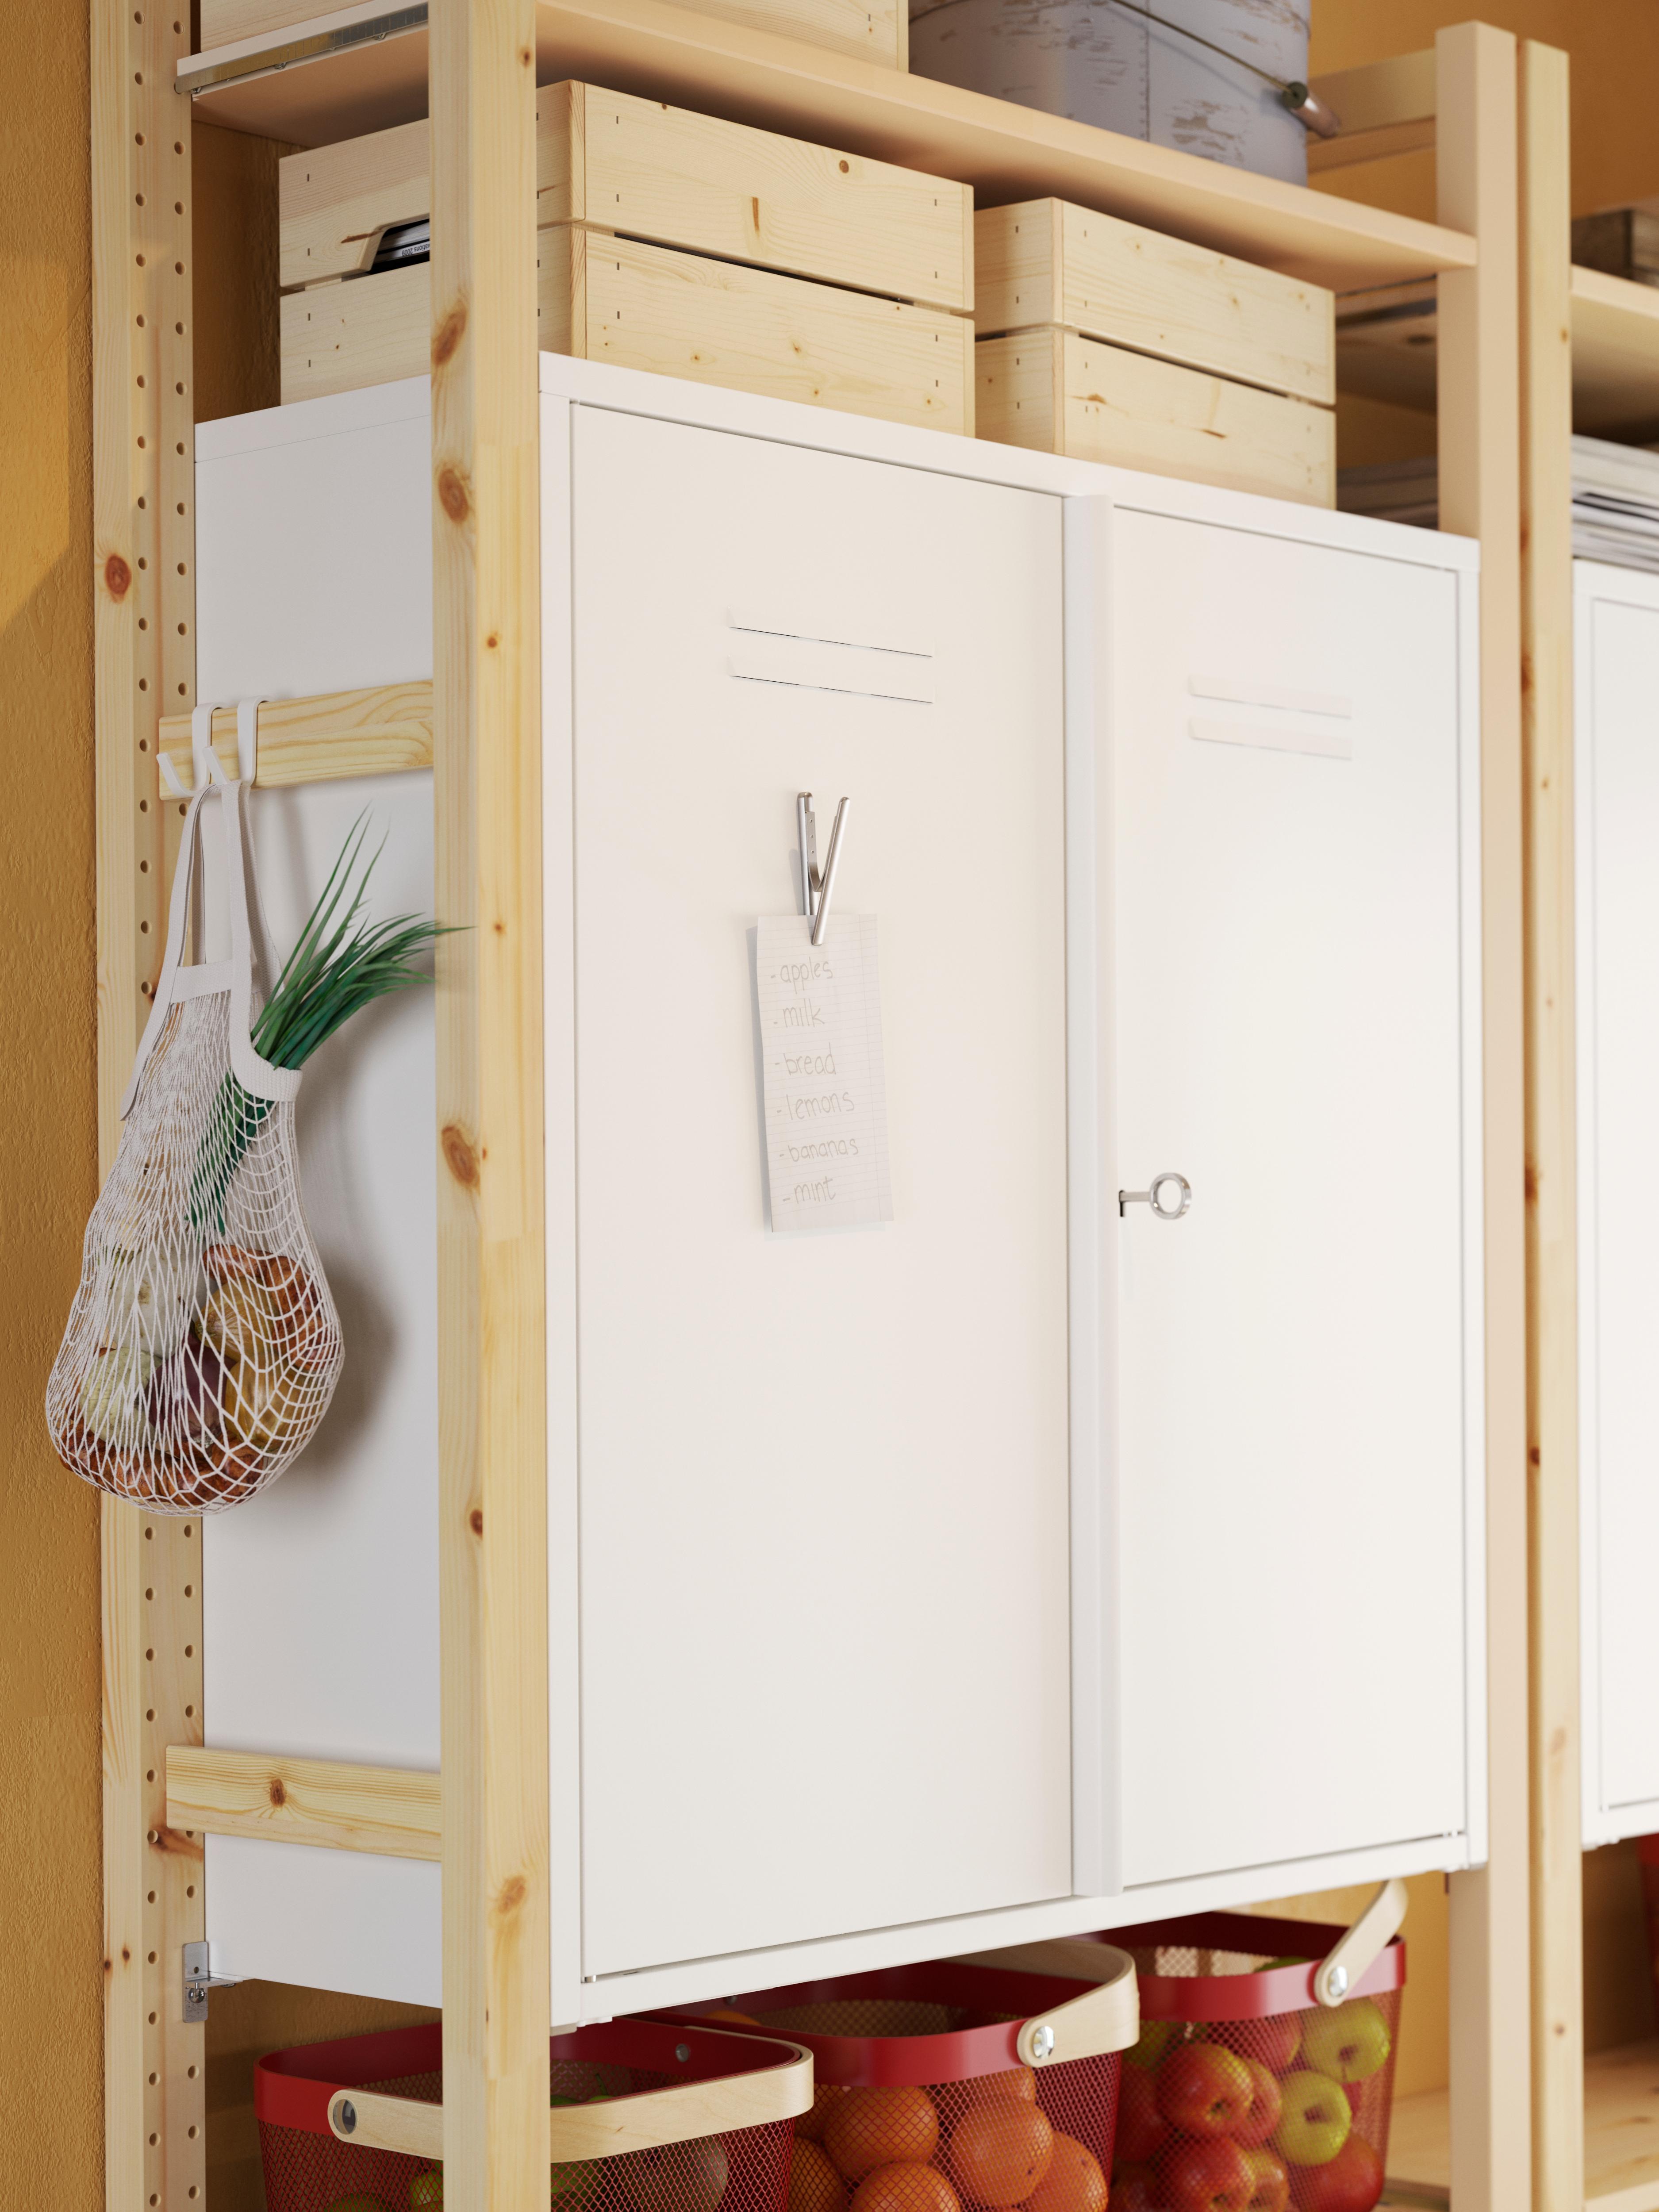 Secção de uma estante em pinho com um armário IVAR em metal branco, um clipe com uma mensagem na porta e um saco de rede com legumes pendurado num gancho.